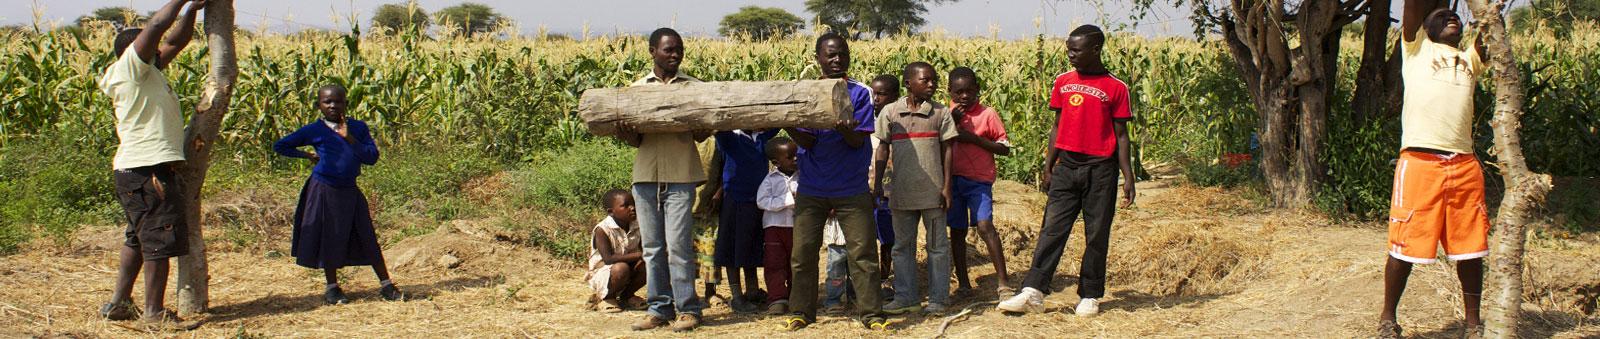 tanzania-fence